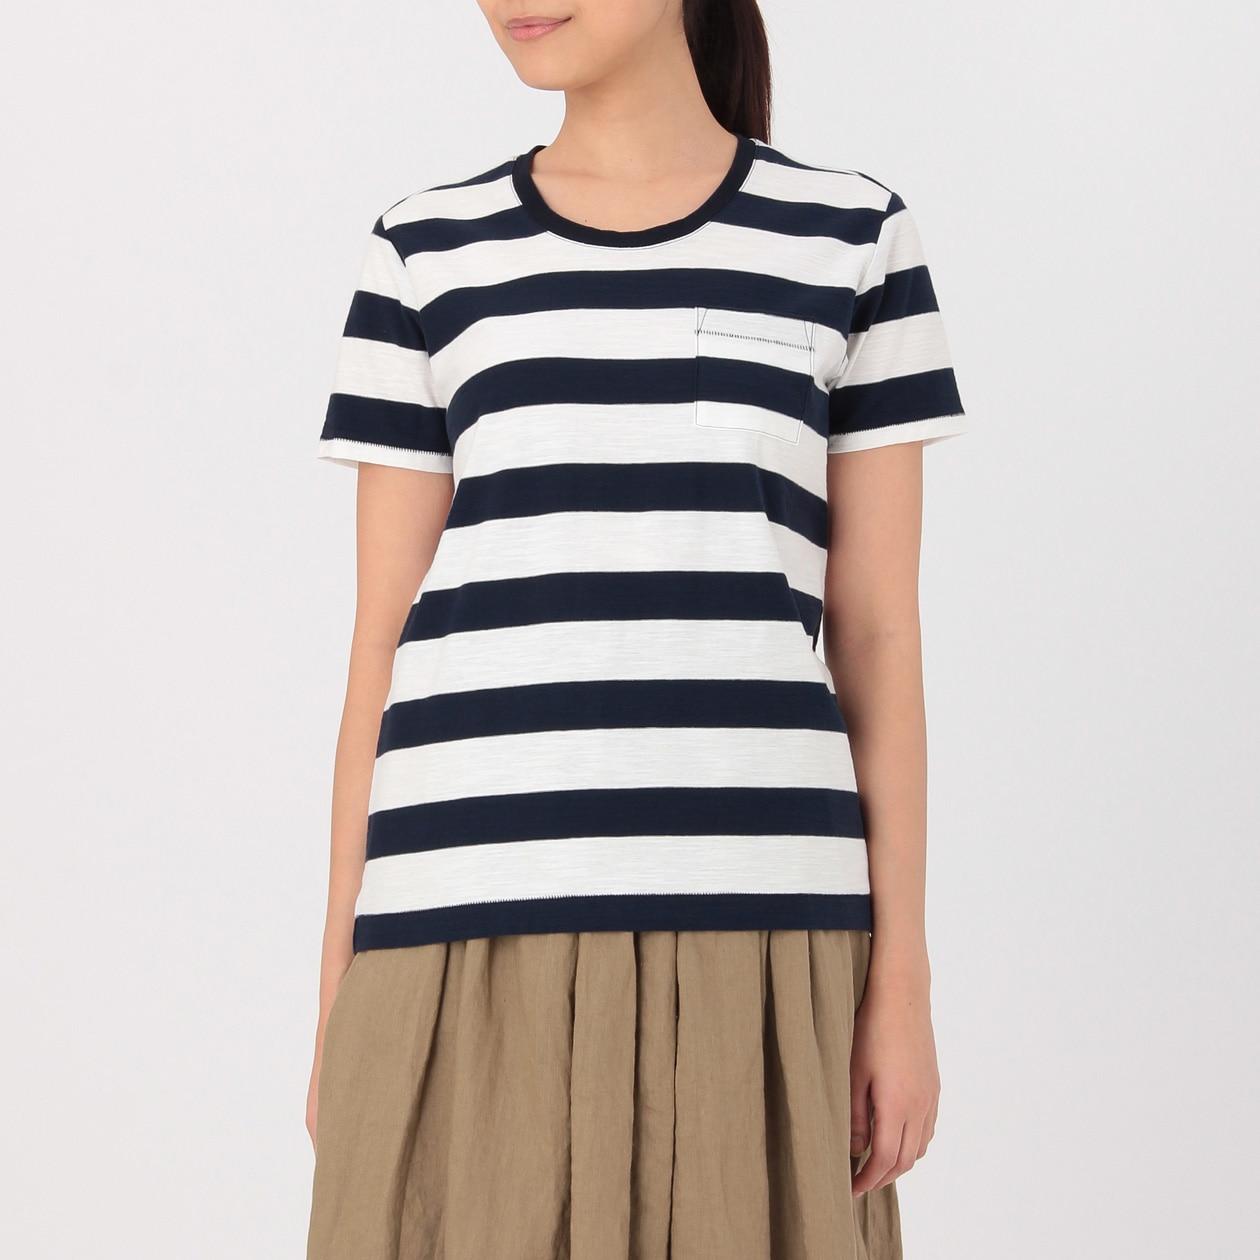 オーガニックコットンムラ糸クルーネック半袖Tシャツ(ボーダー)